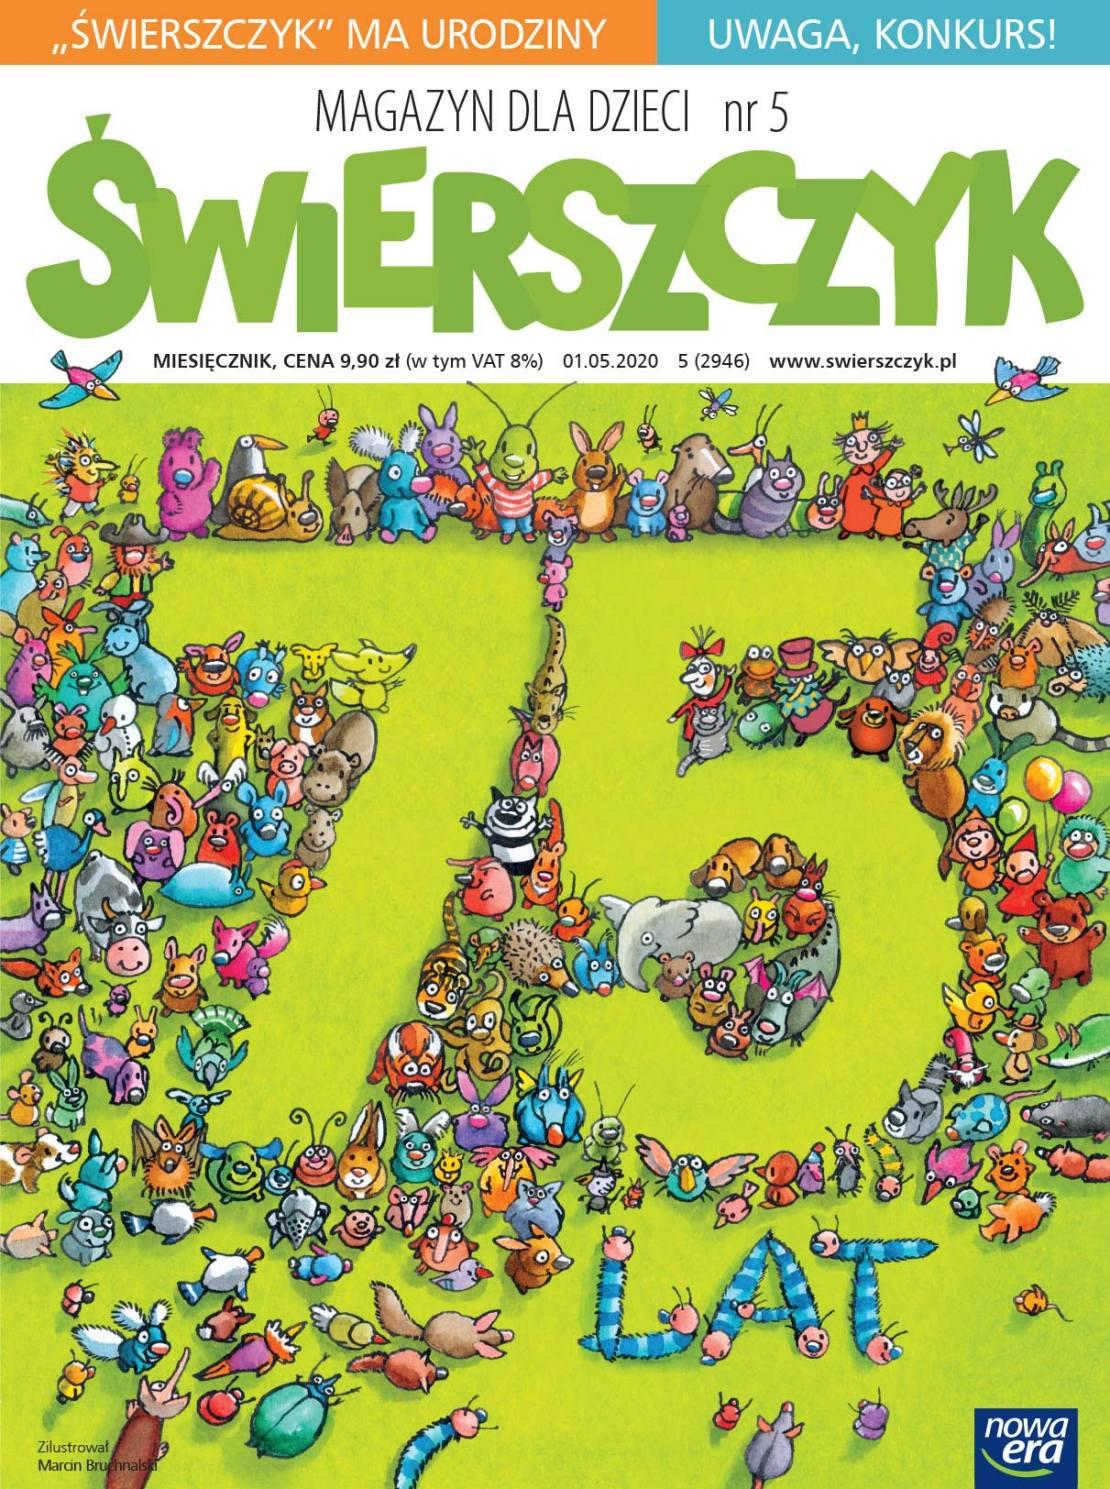 """Okładka magazynu """"Świerszczyk"""" nr 5 (2946), maj 2020 rok"""